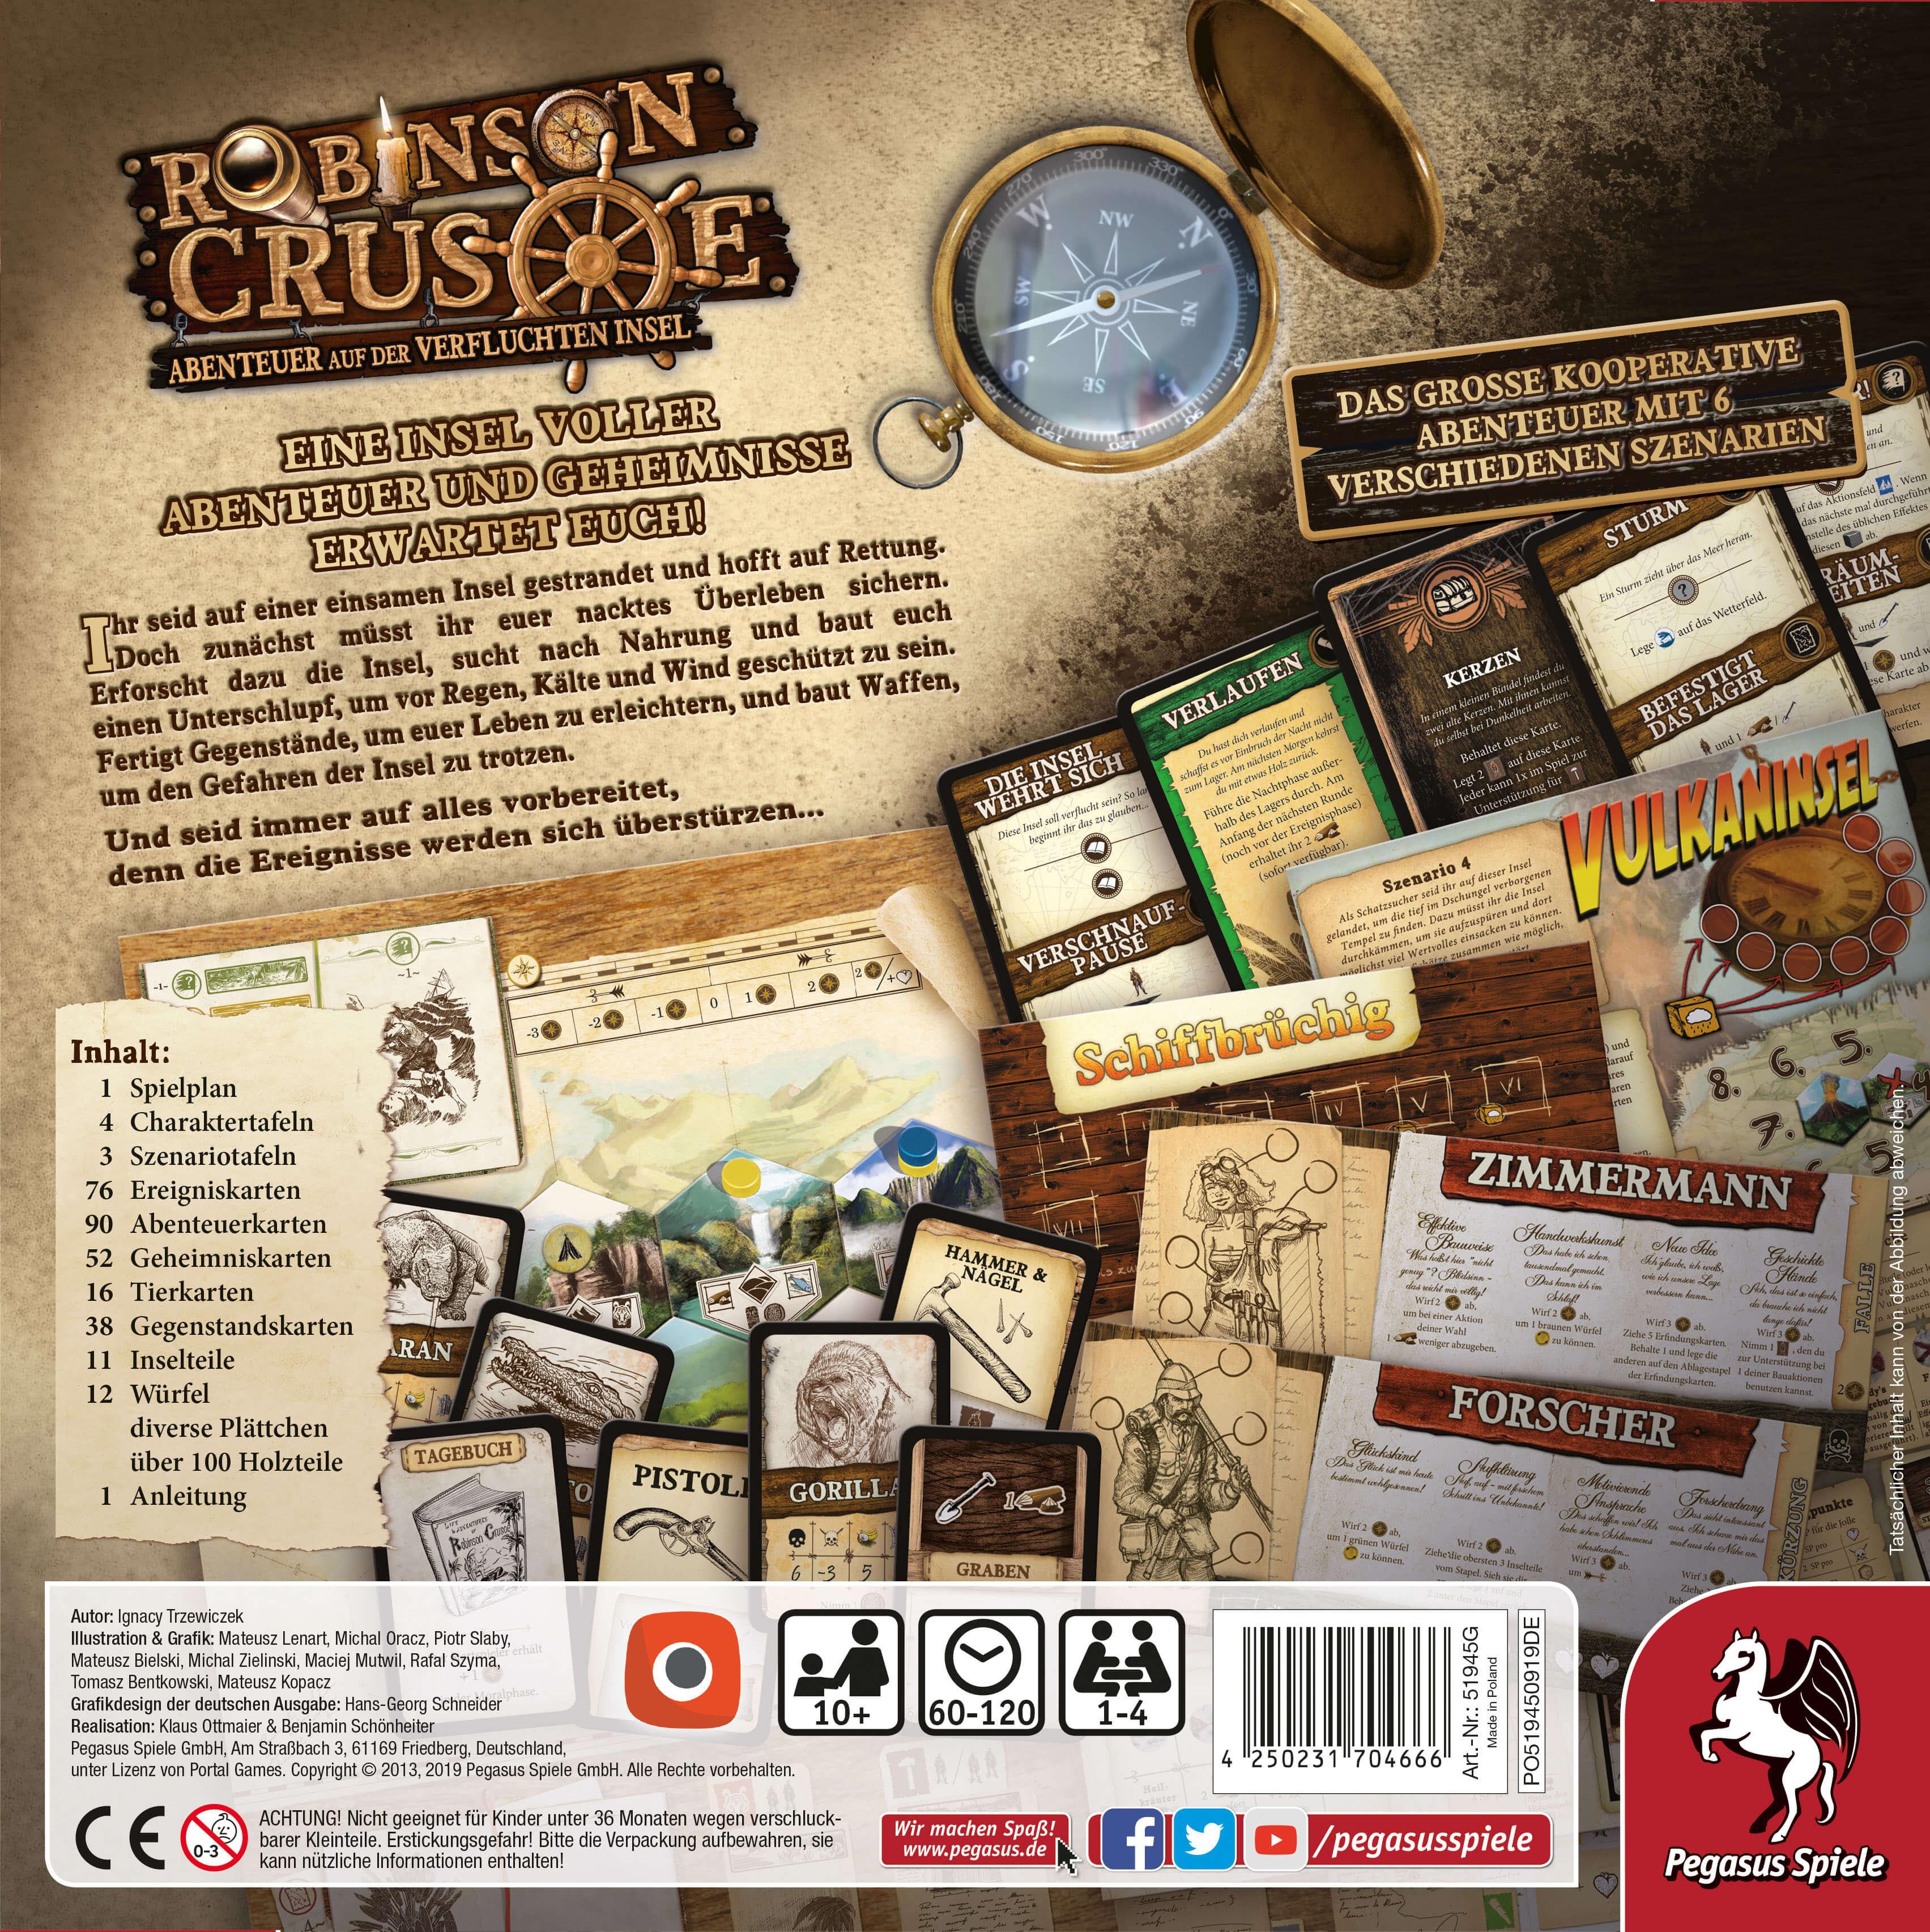 Schachtel Rückseite - Kennerspiel- Robinson Crusoe - Abenteuer auf der verfluchten Insel